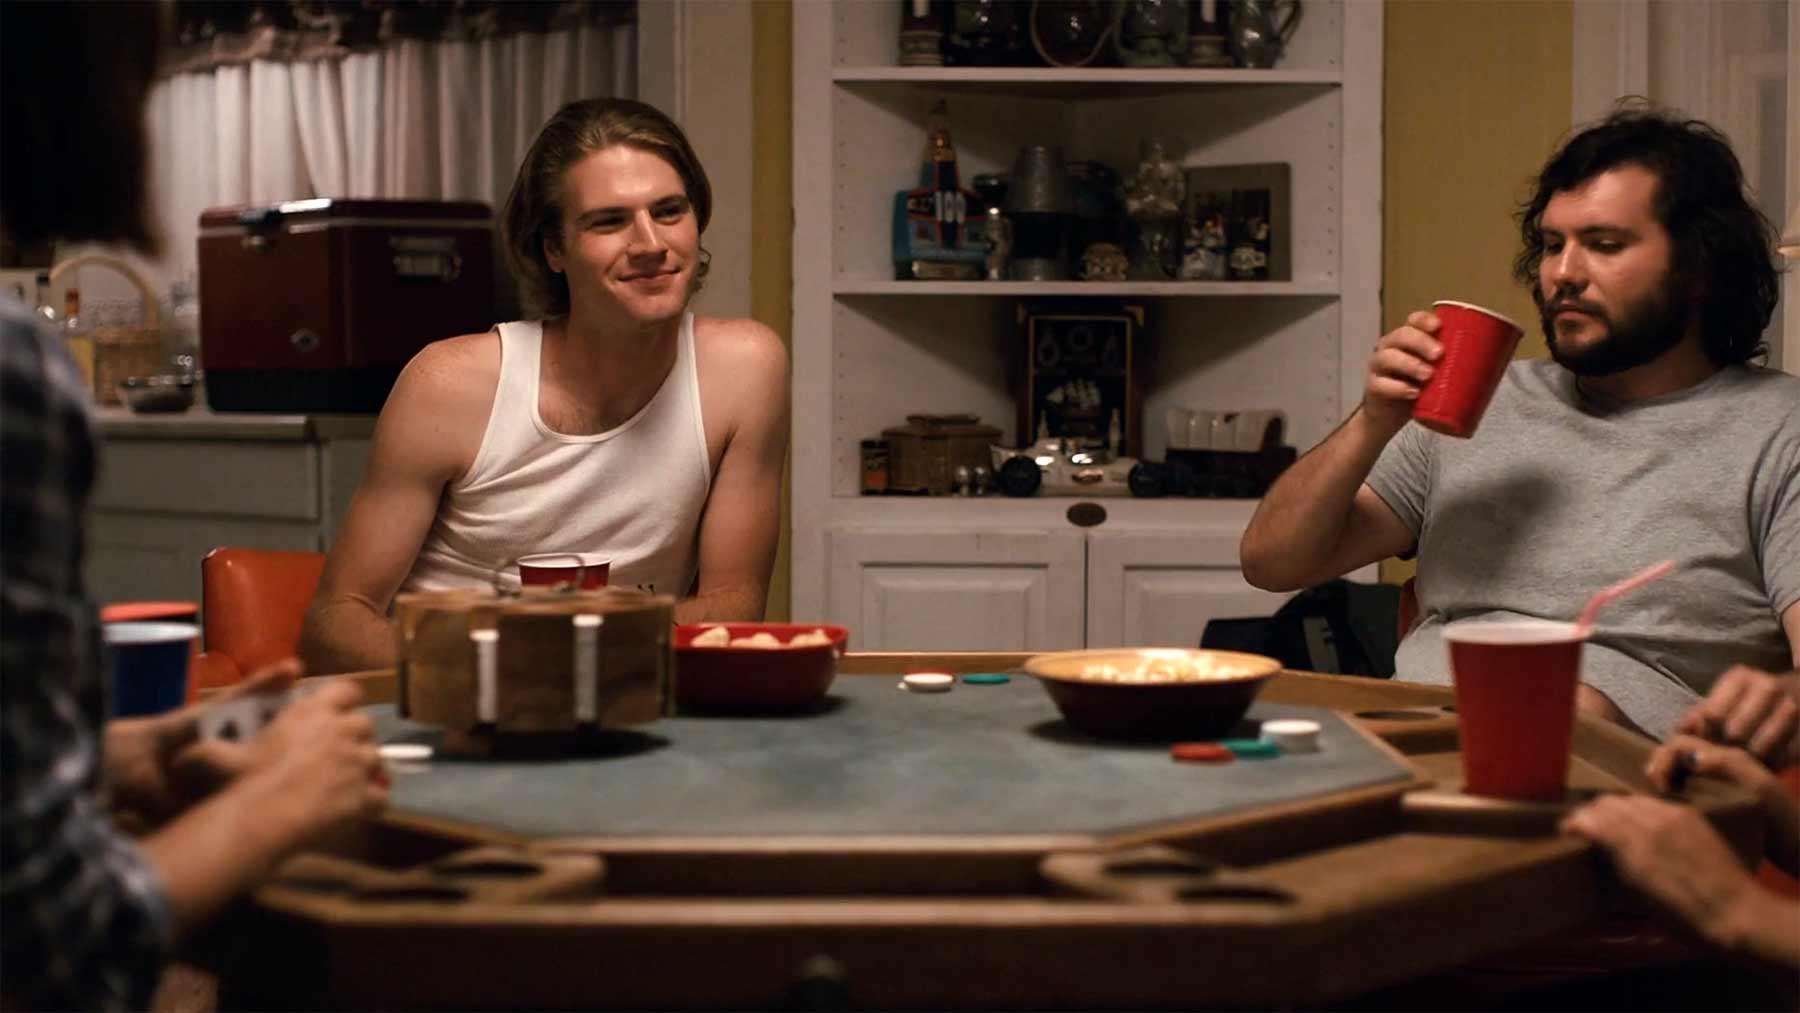 Wenn Strip-Poker so richtig aus dem Ruder läuft... kurzfilm-pig